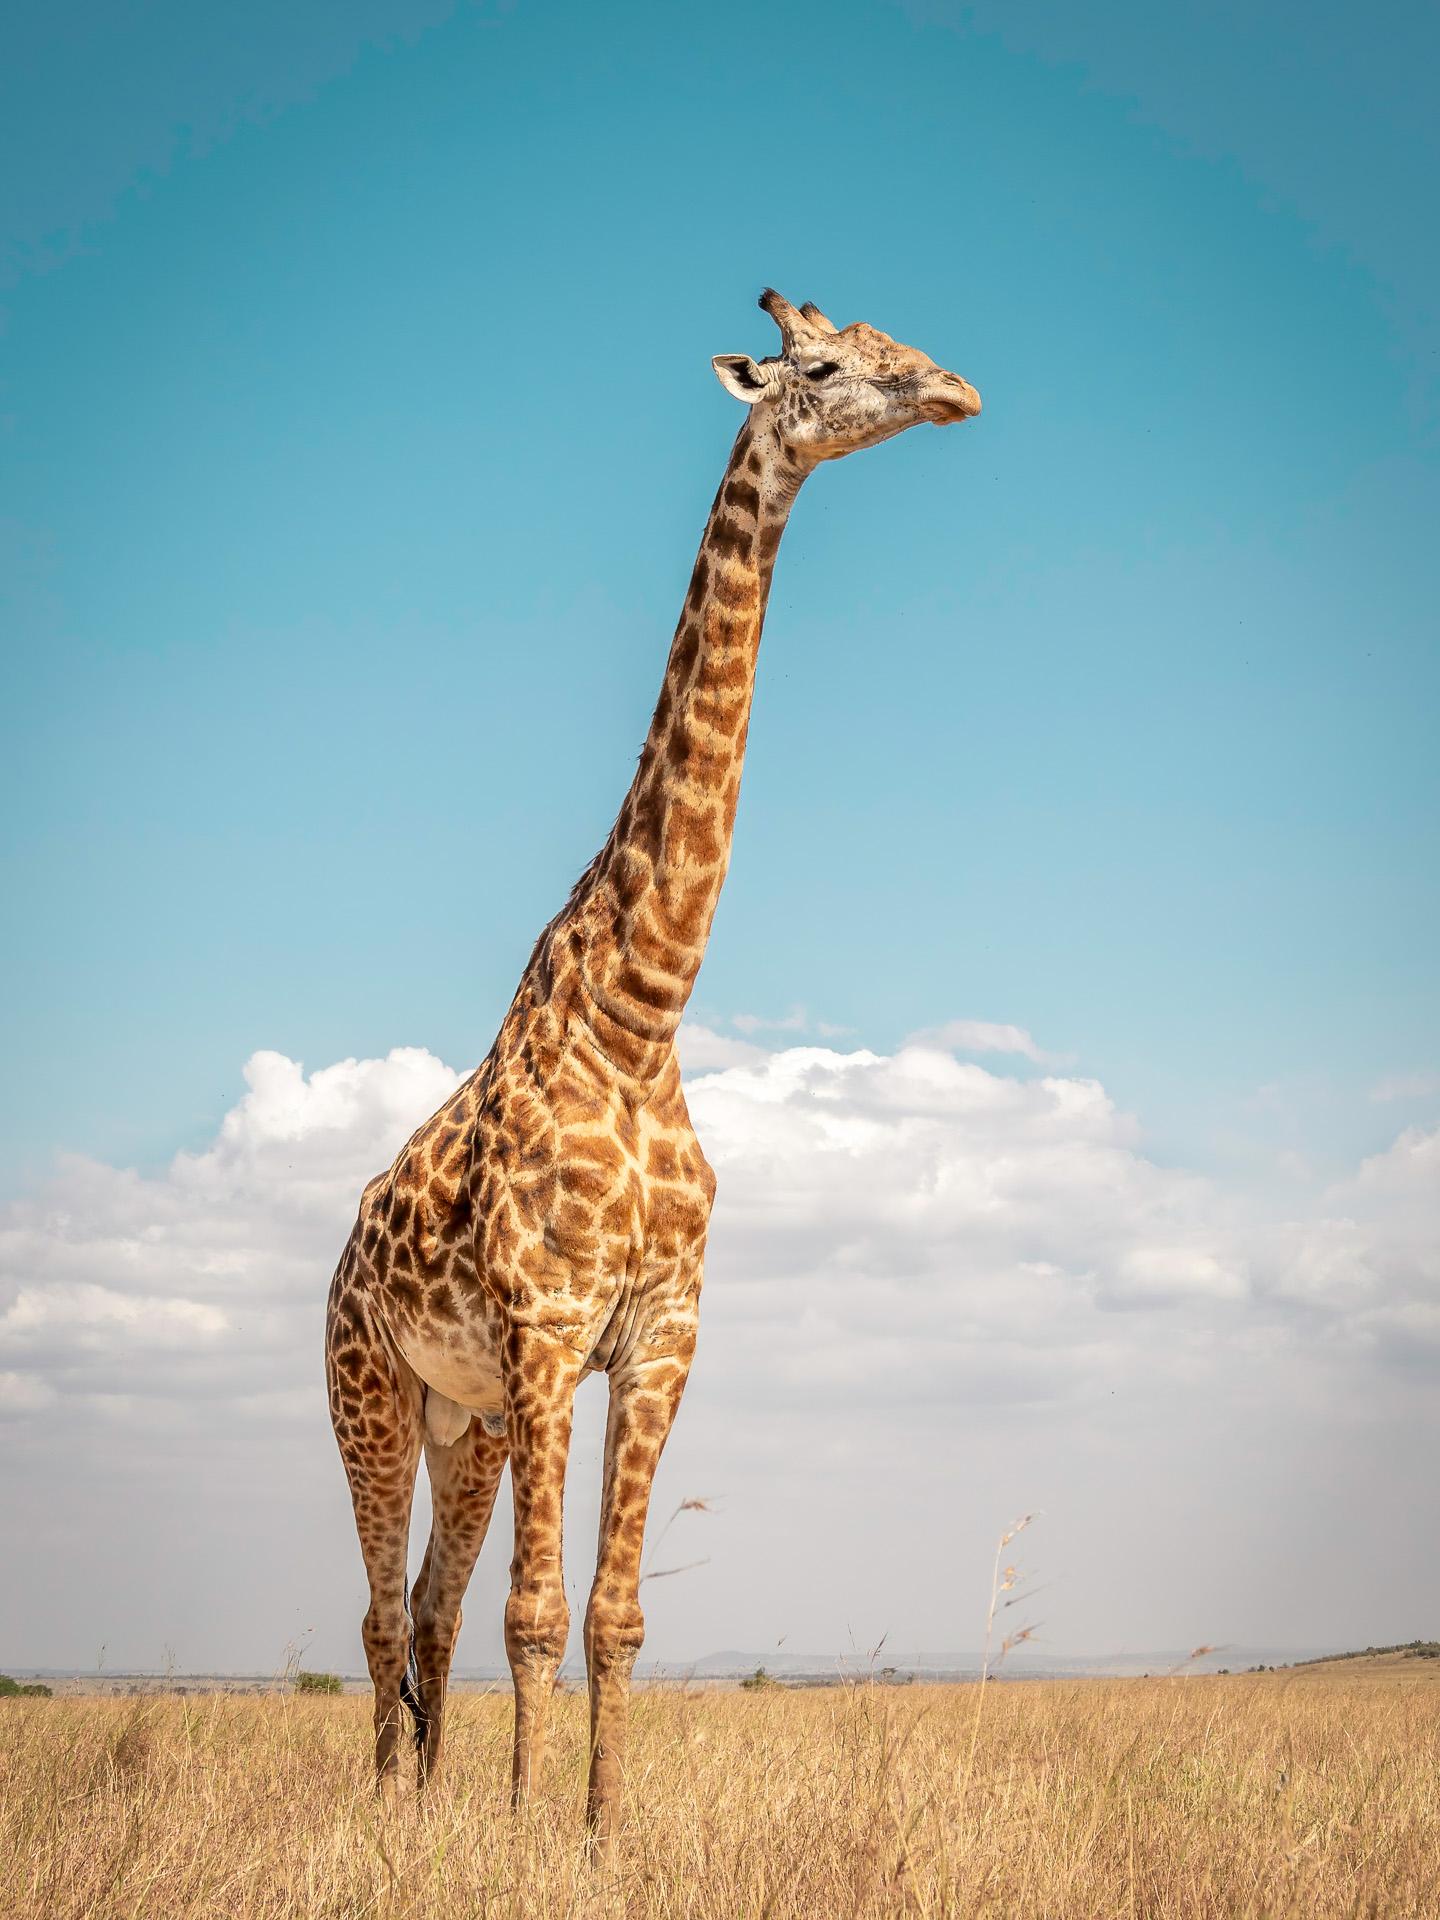 Kliknij obrazek, aby uzyskać większą wersję  Nazwa:20190815_żyrafa_001.jpg Wyświetleń:61 Rozmiar:581,8 KB ID:232990